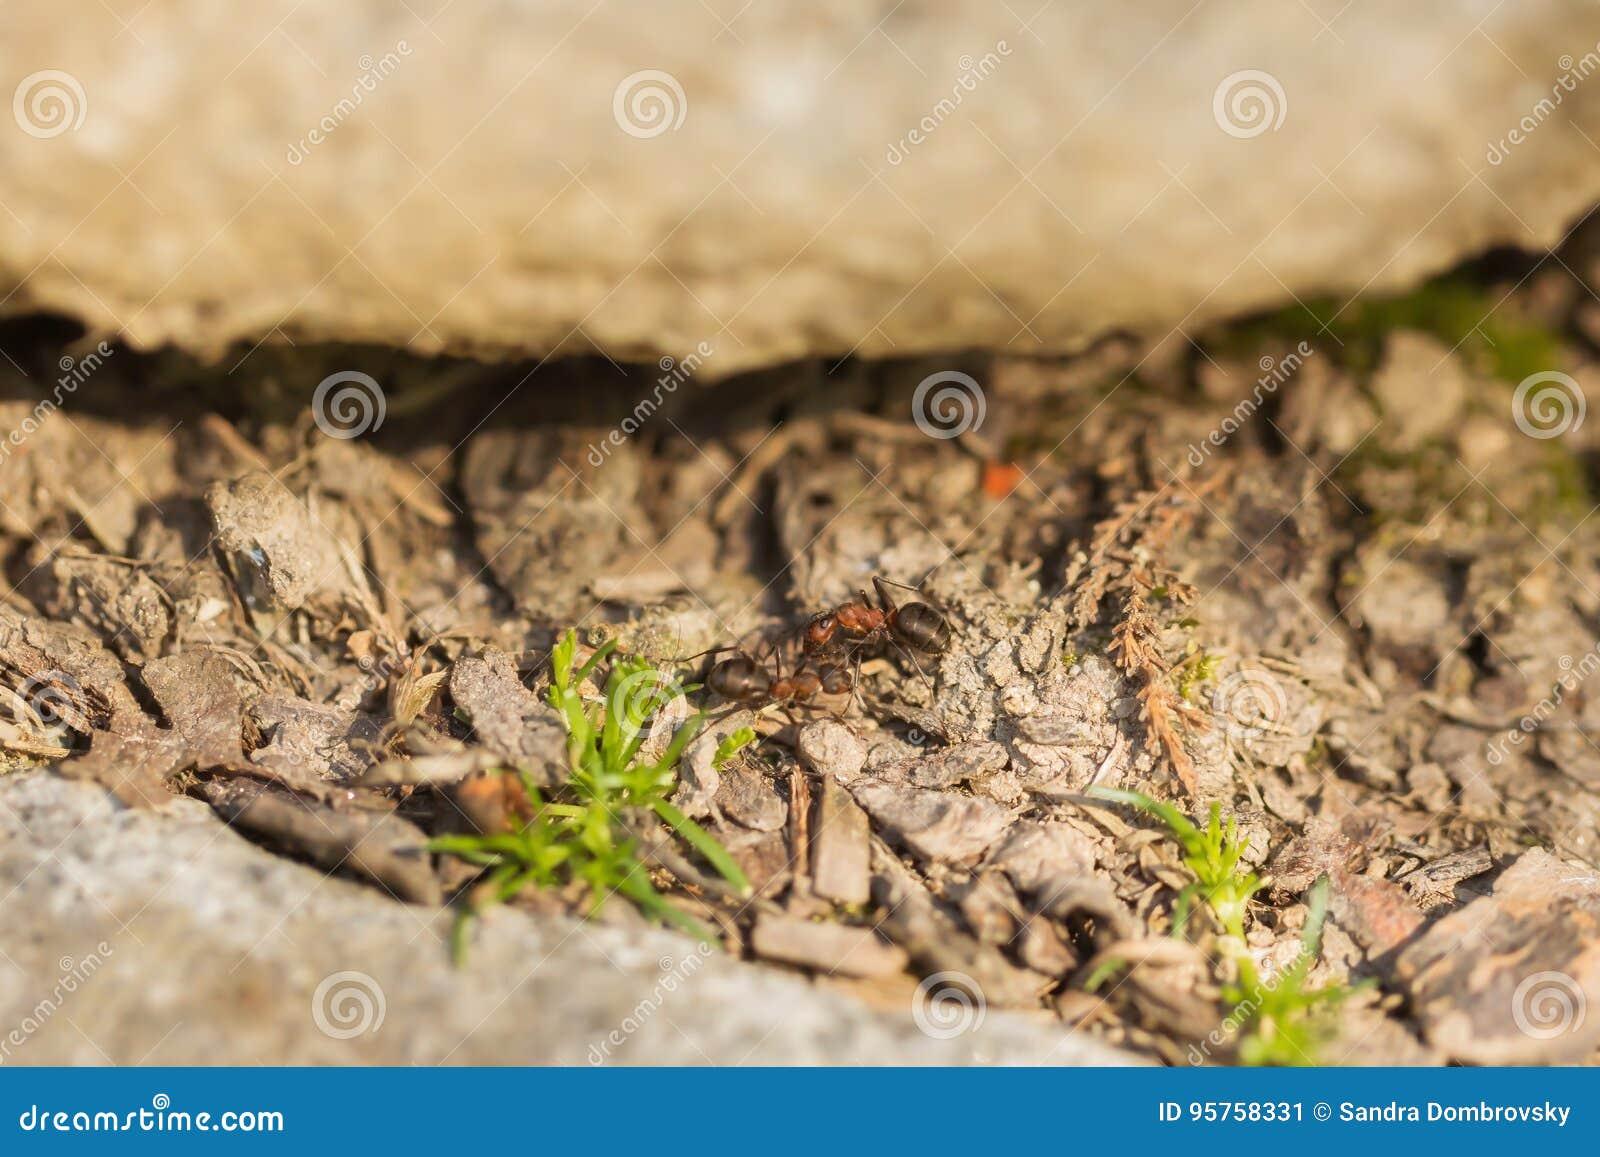 Dos hormigas en el jardín imagen de archivo. Imagen de agricultura ...